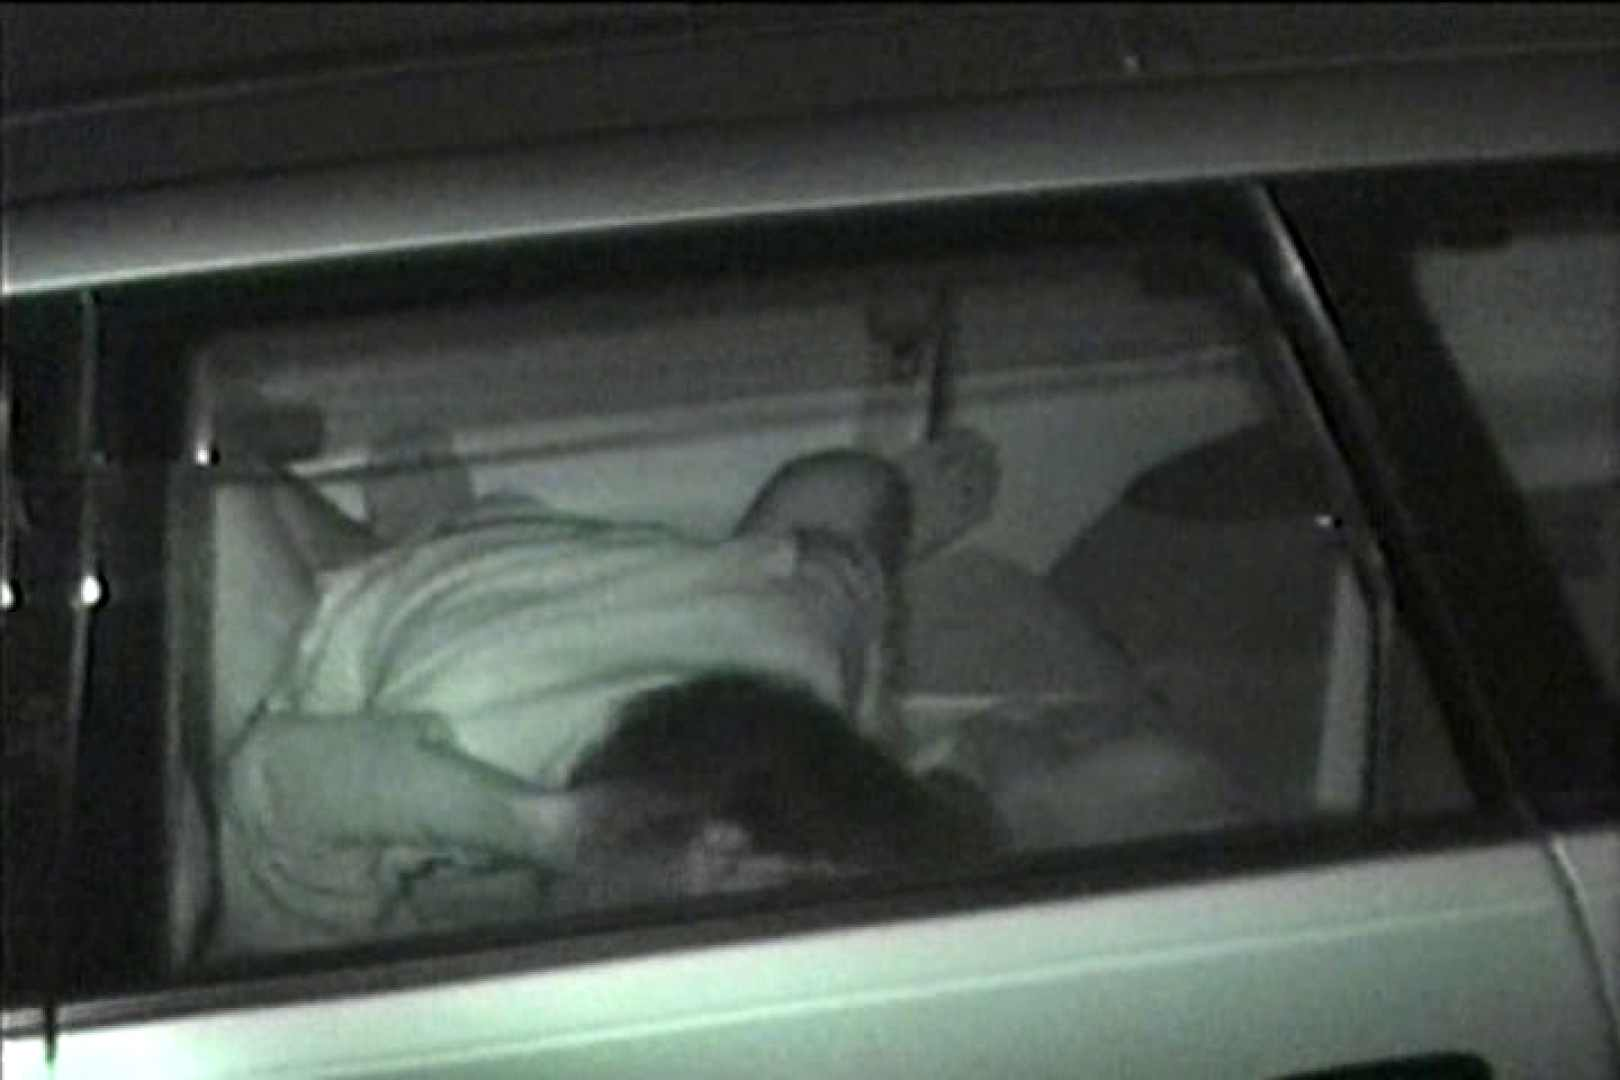 車の中はラブホテル 無修正版  Vol.7 車 おまんこ無修正動画無料 81画像 60